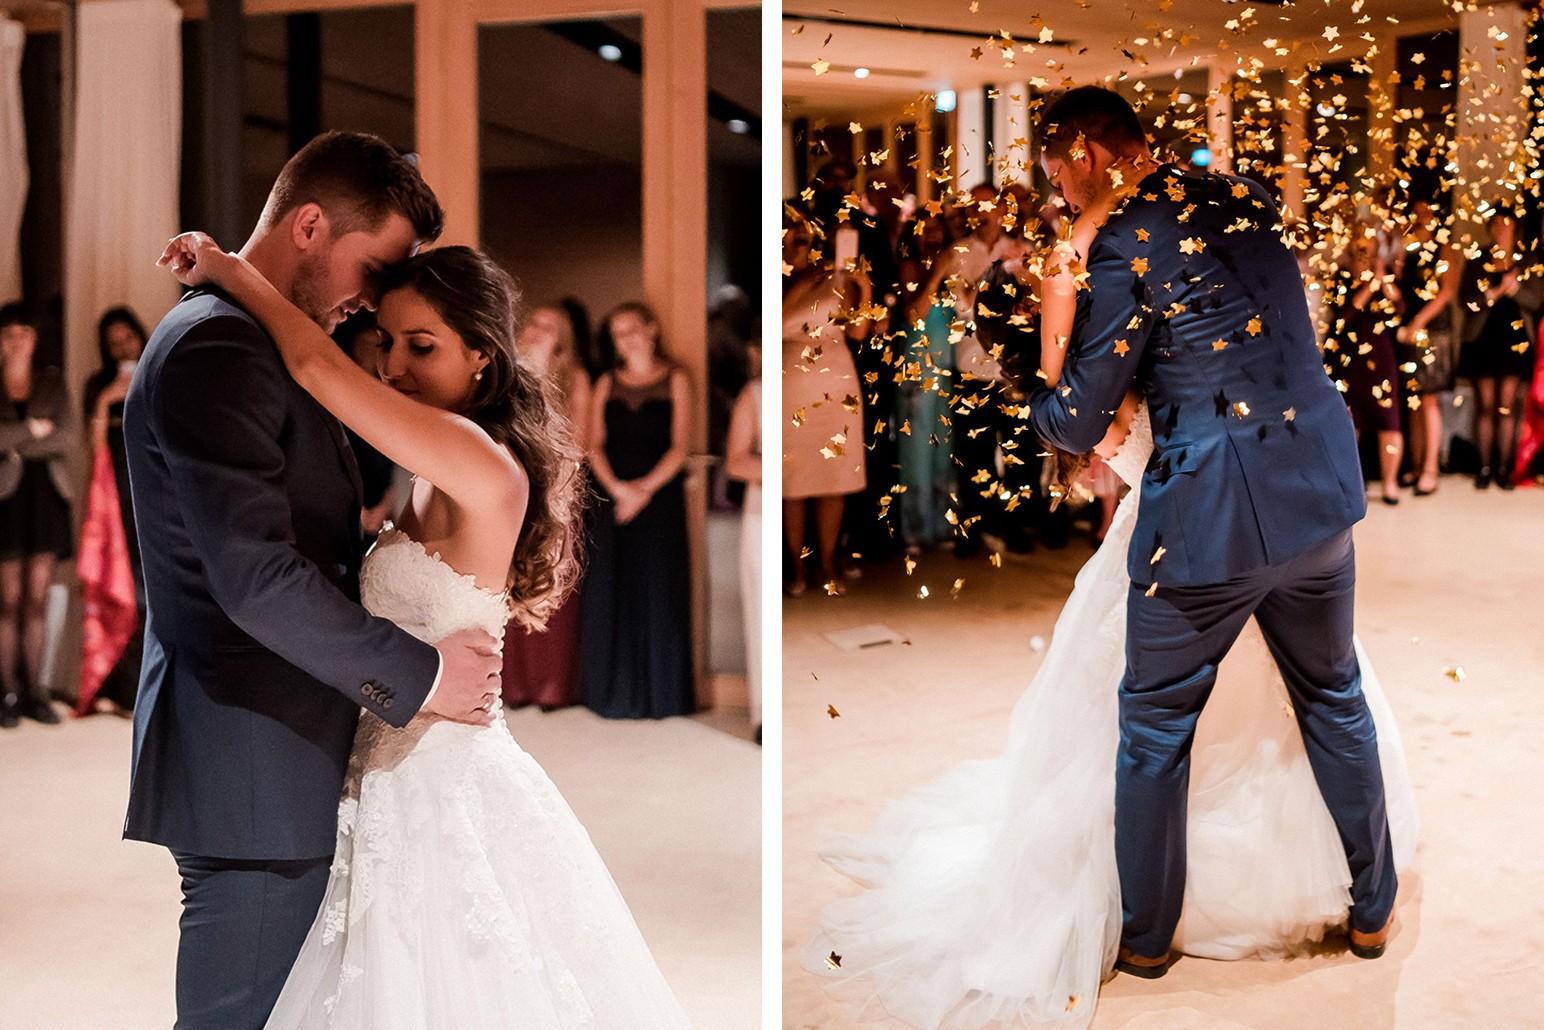 Aida + Tim | Hochzeitsfotografen am Bodensee Insel Mainau Hochzeit in Deutschland  - Hochzeitsfotografie von Aida und Tim